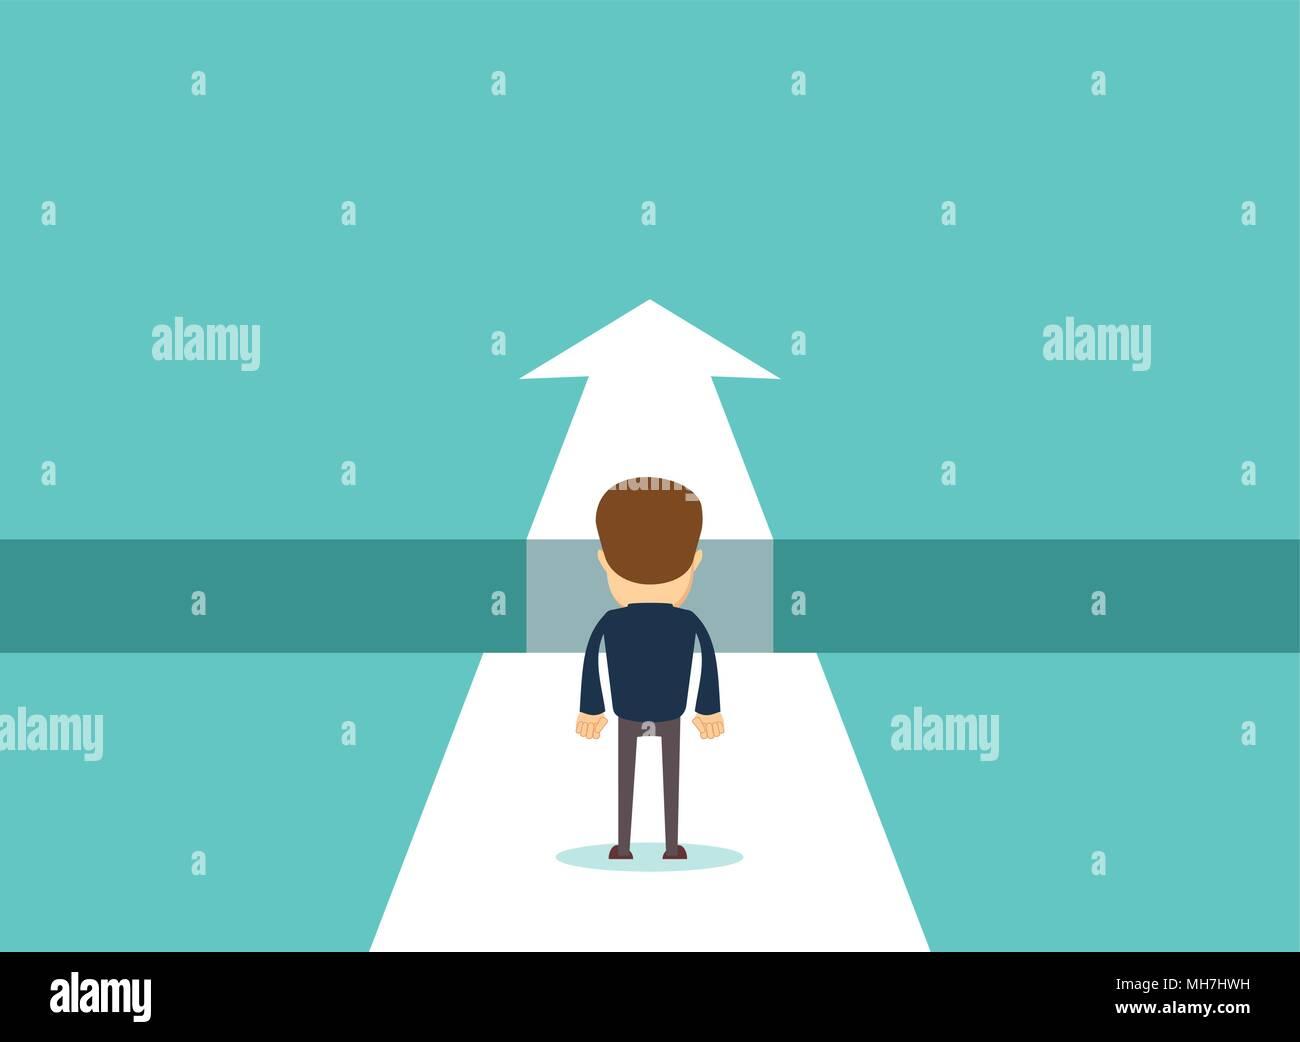 Défi de l'entreprise concept avec businessman walking en direction de Gap. Photo Stock